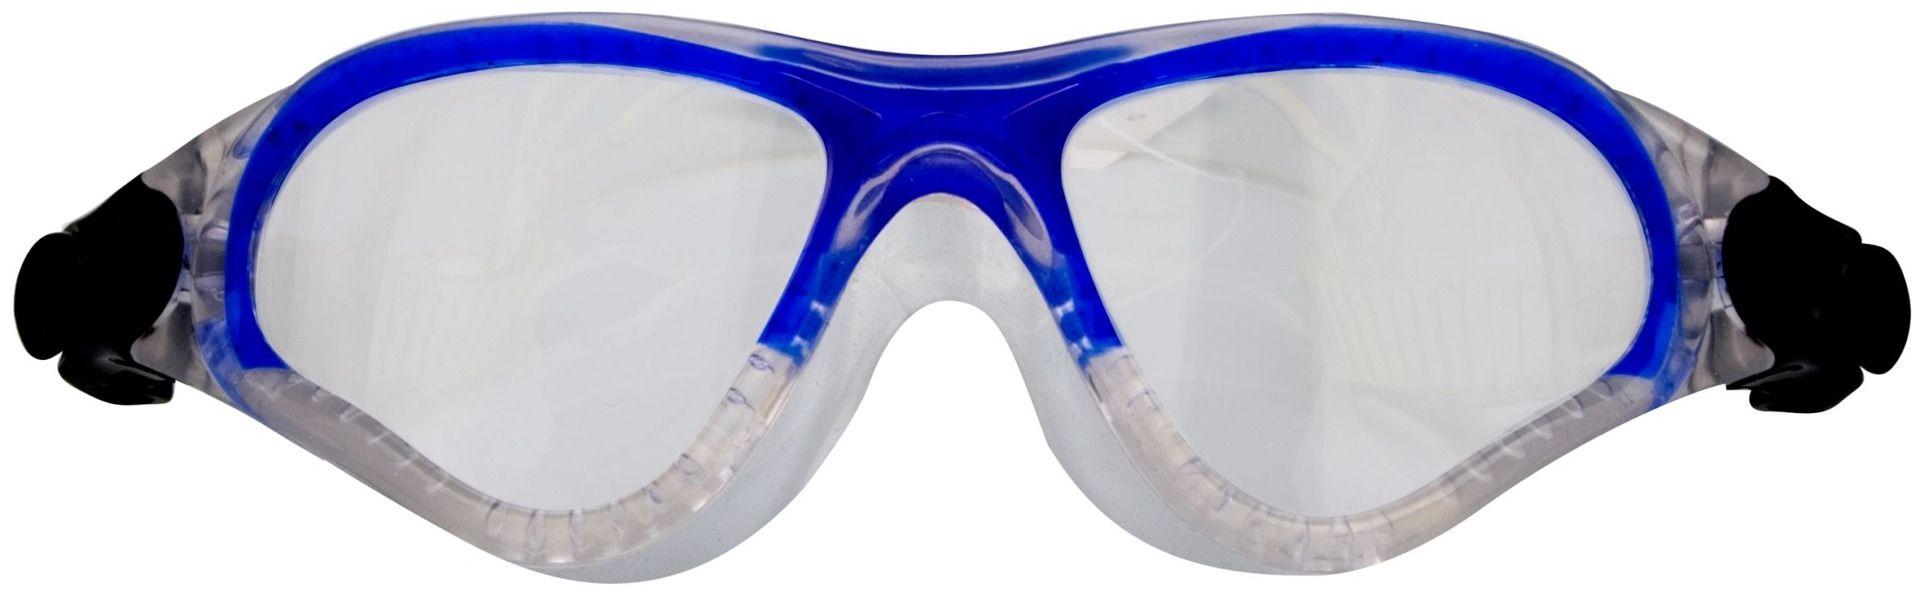 Okulary antyalergiczne do pływania dla dzieci Waimea